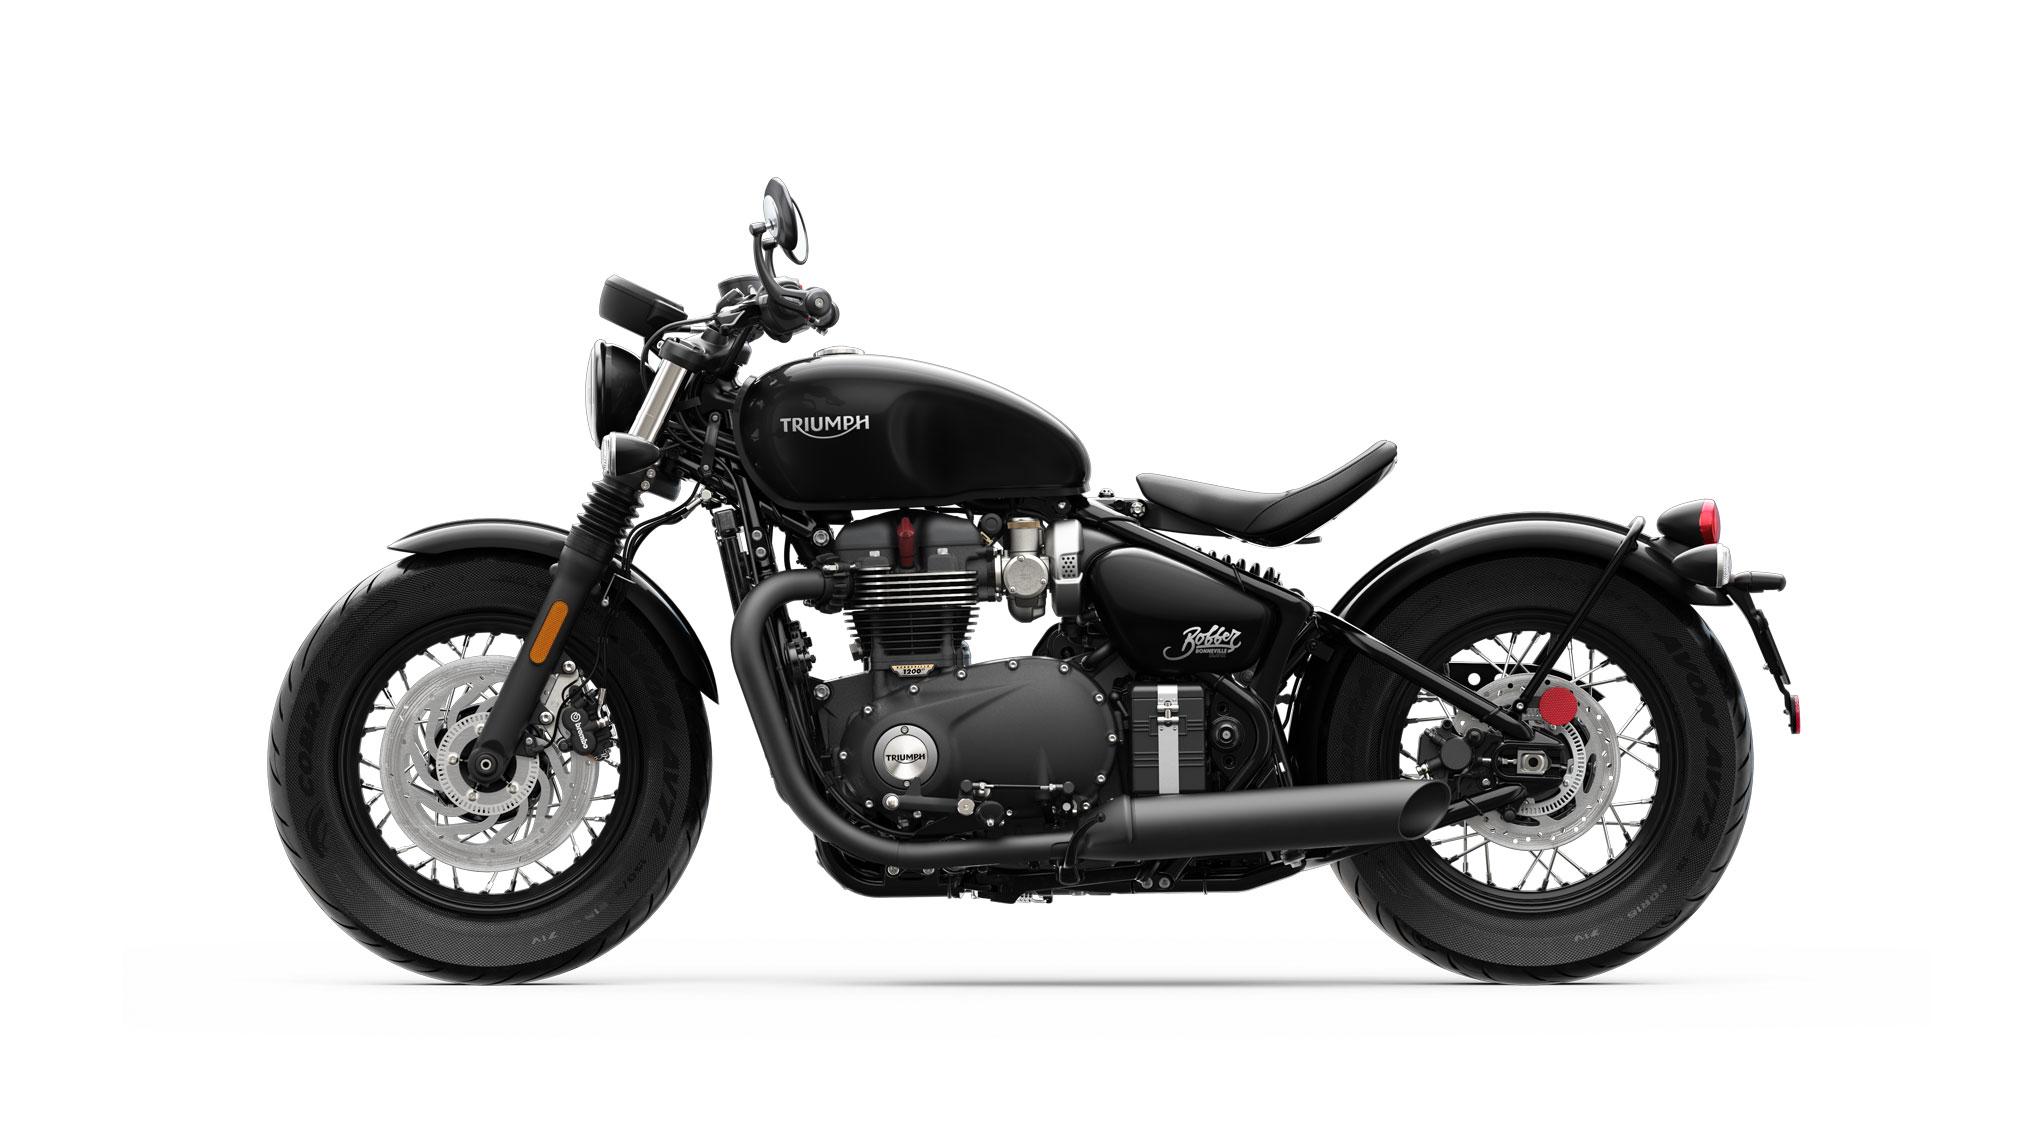 2018 Triumph Bonneville Bobber Black Review Total Motorcycle